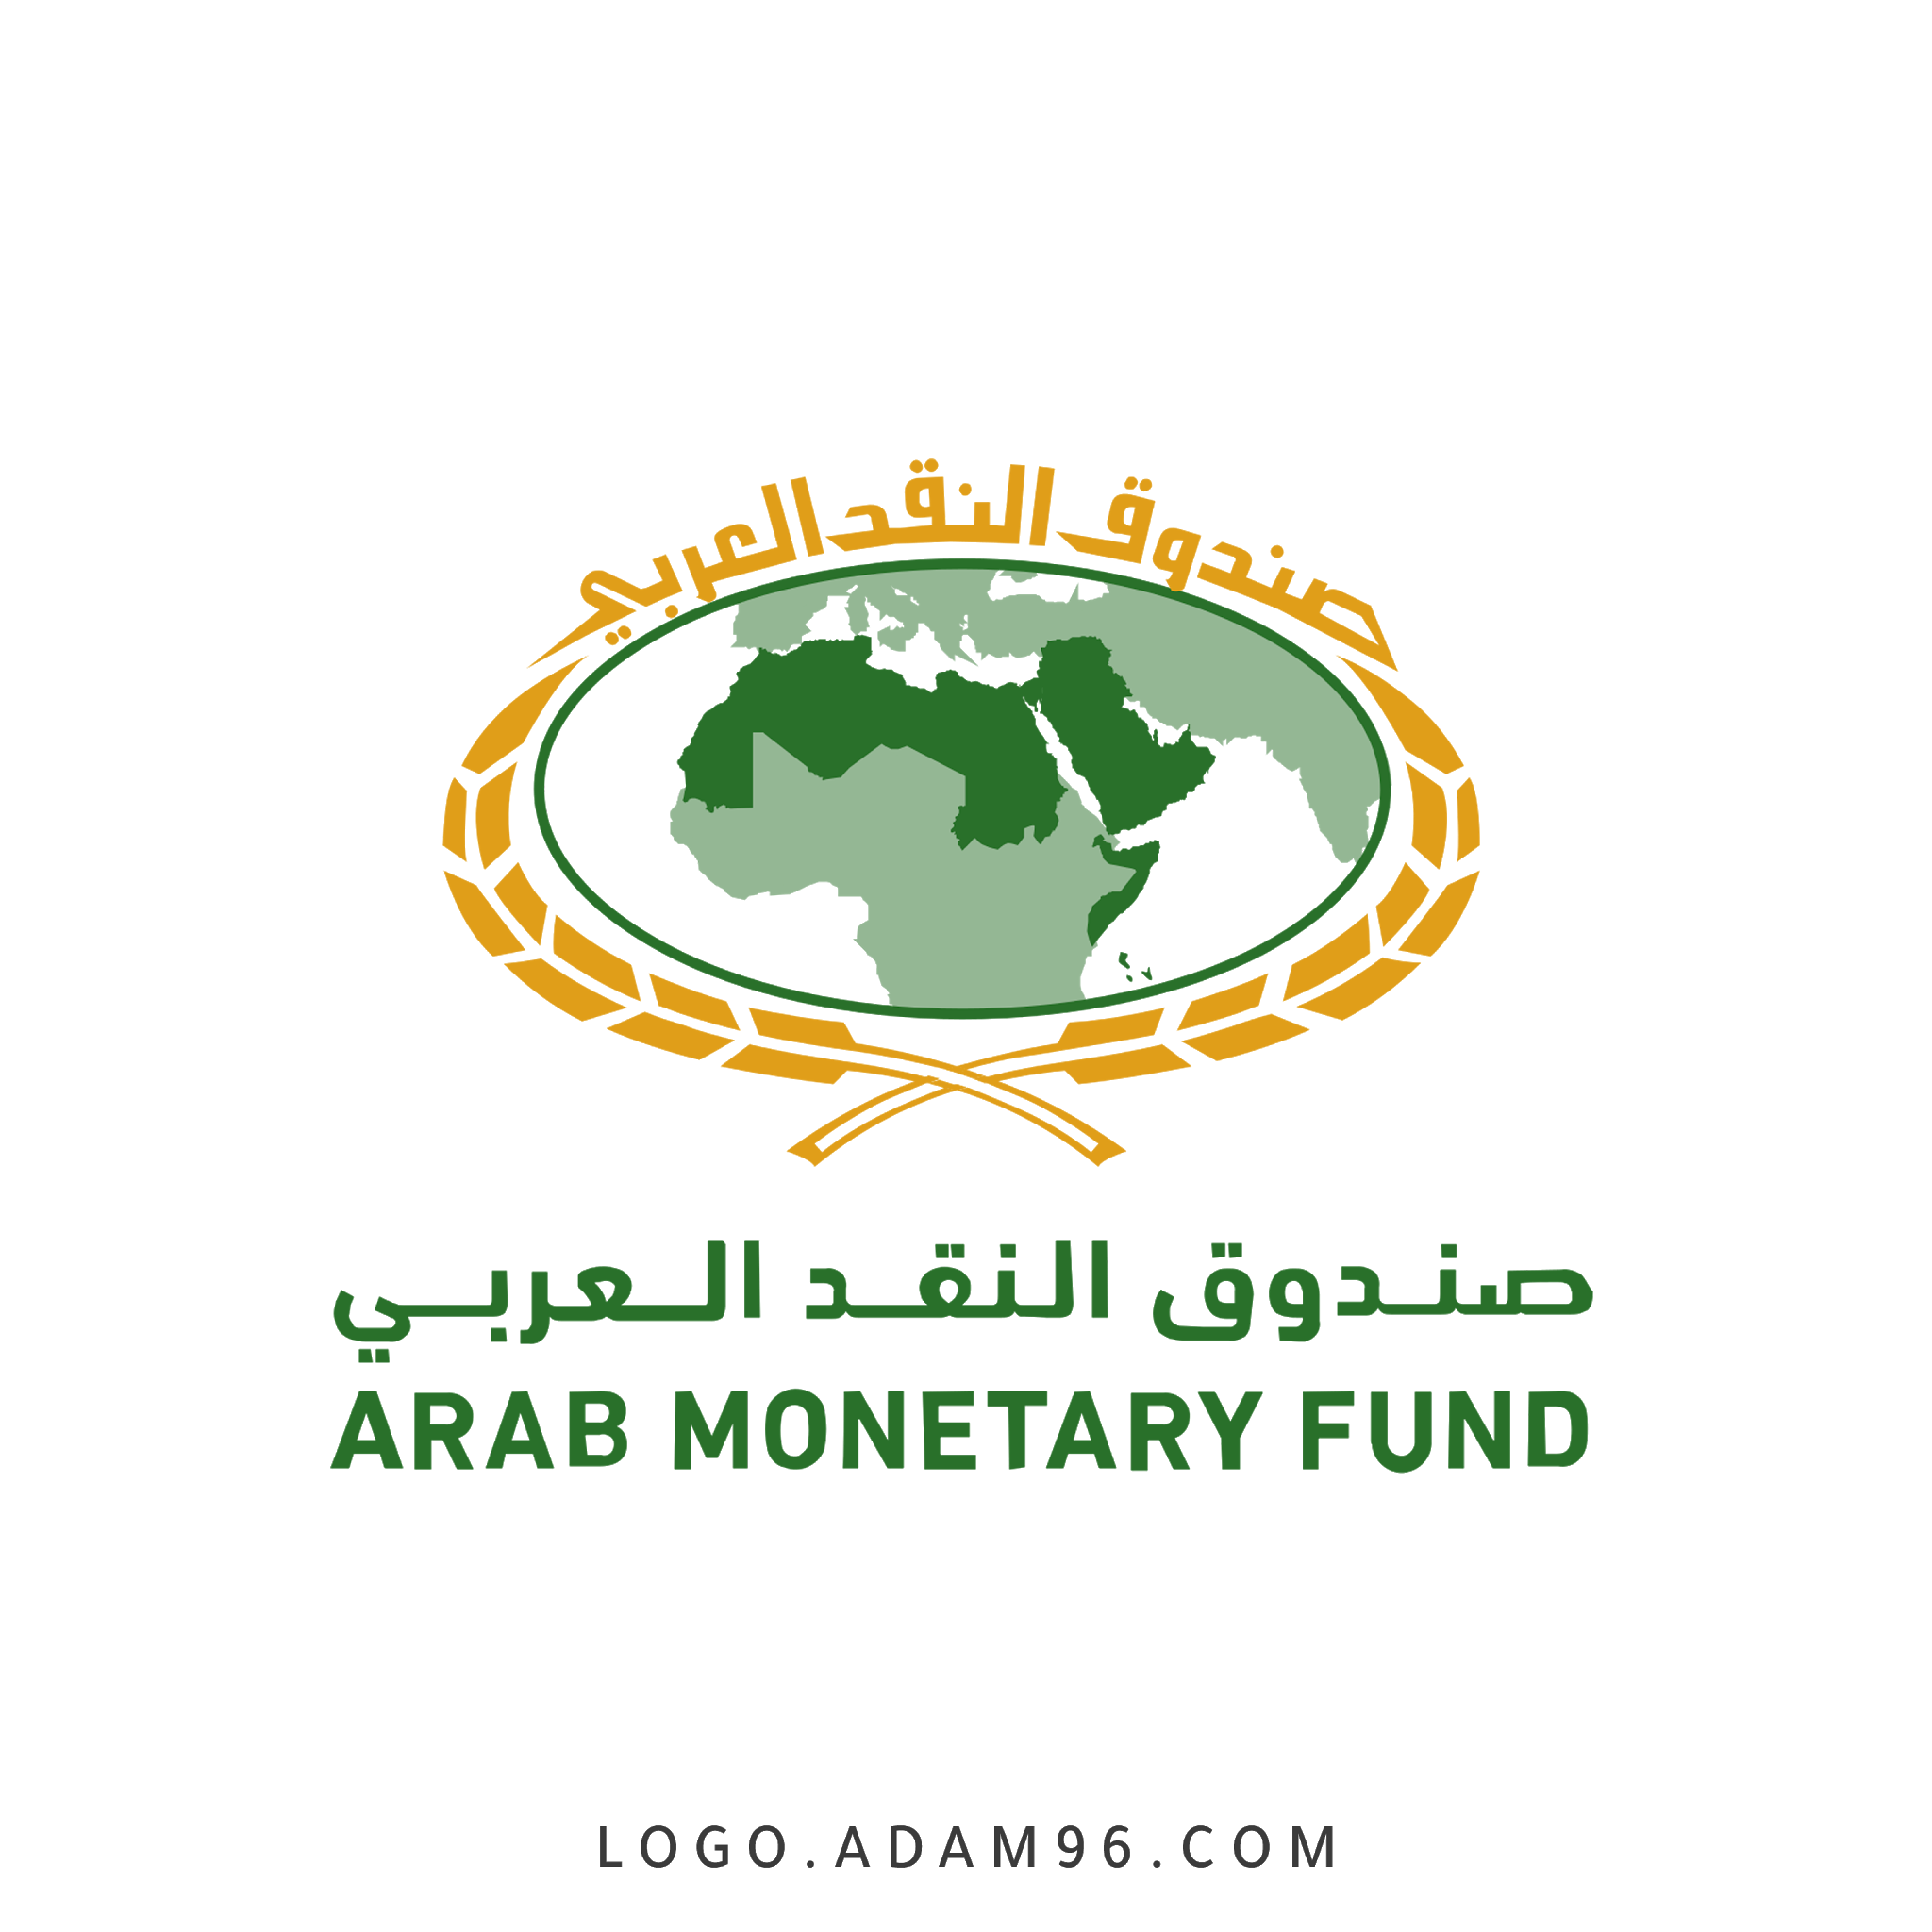 تحميل شعار صندوق النقد العربي لوجو رسمي Logo Arab Monetary Fund PNG